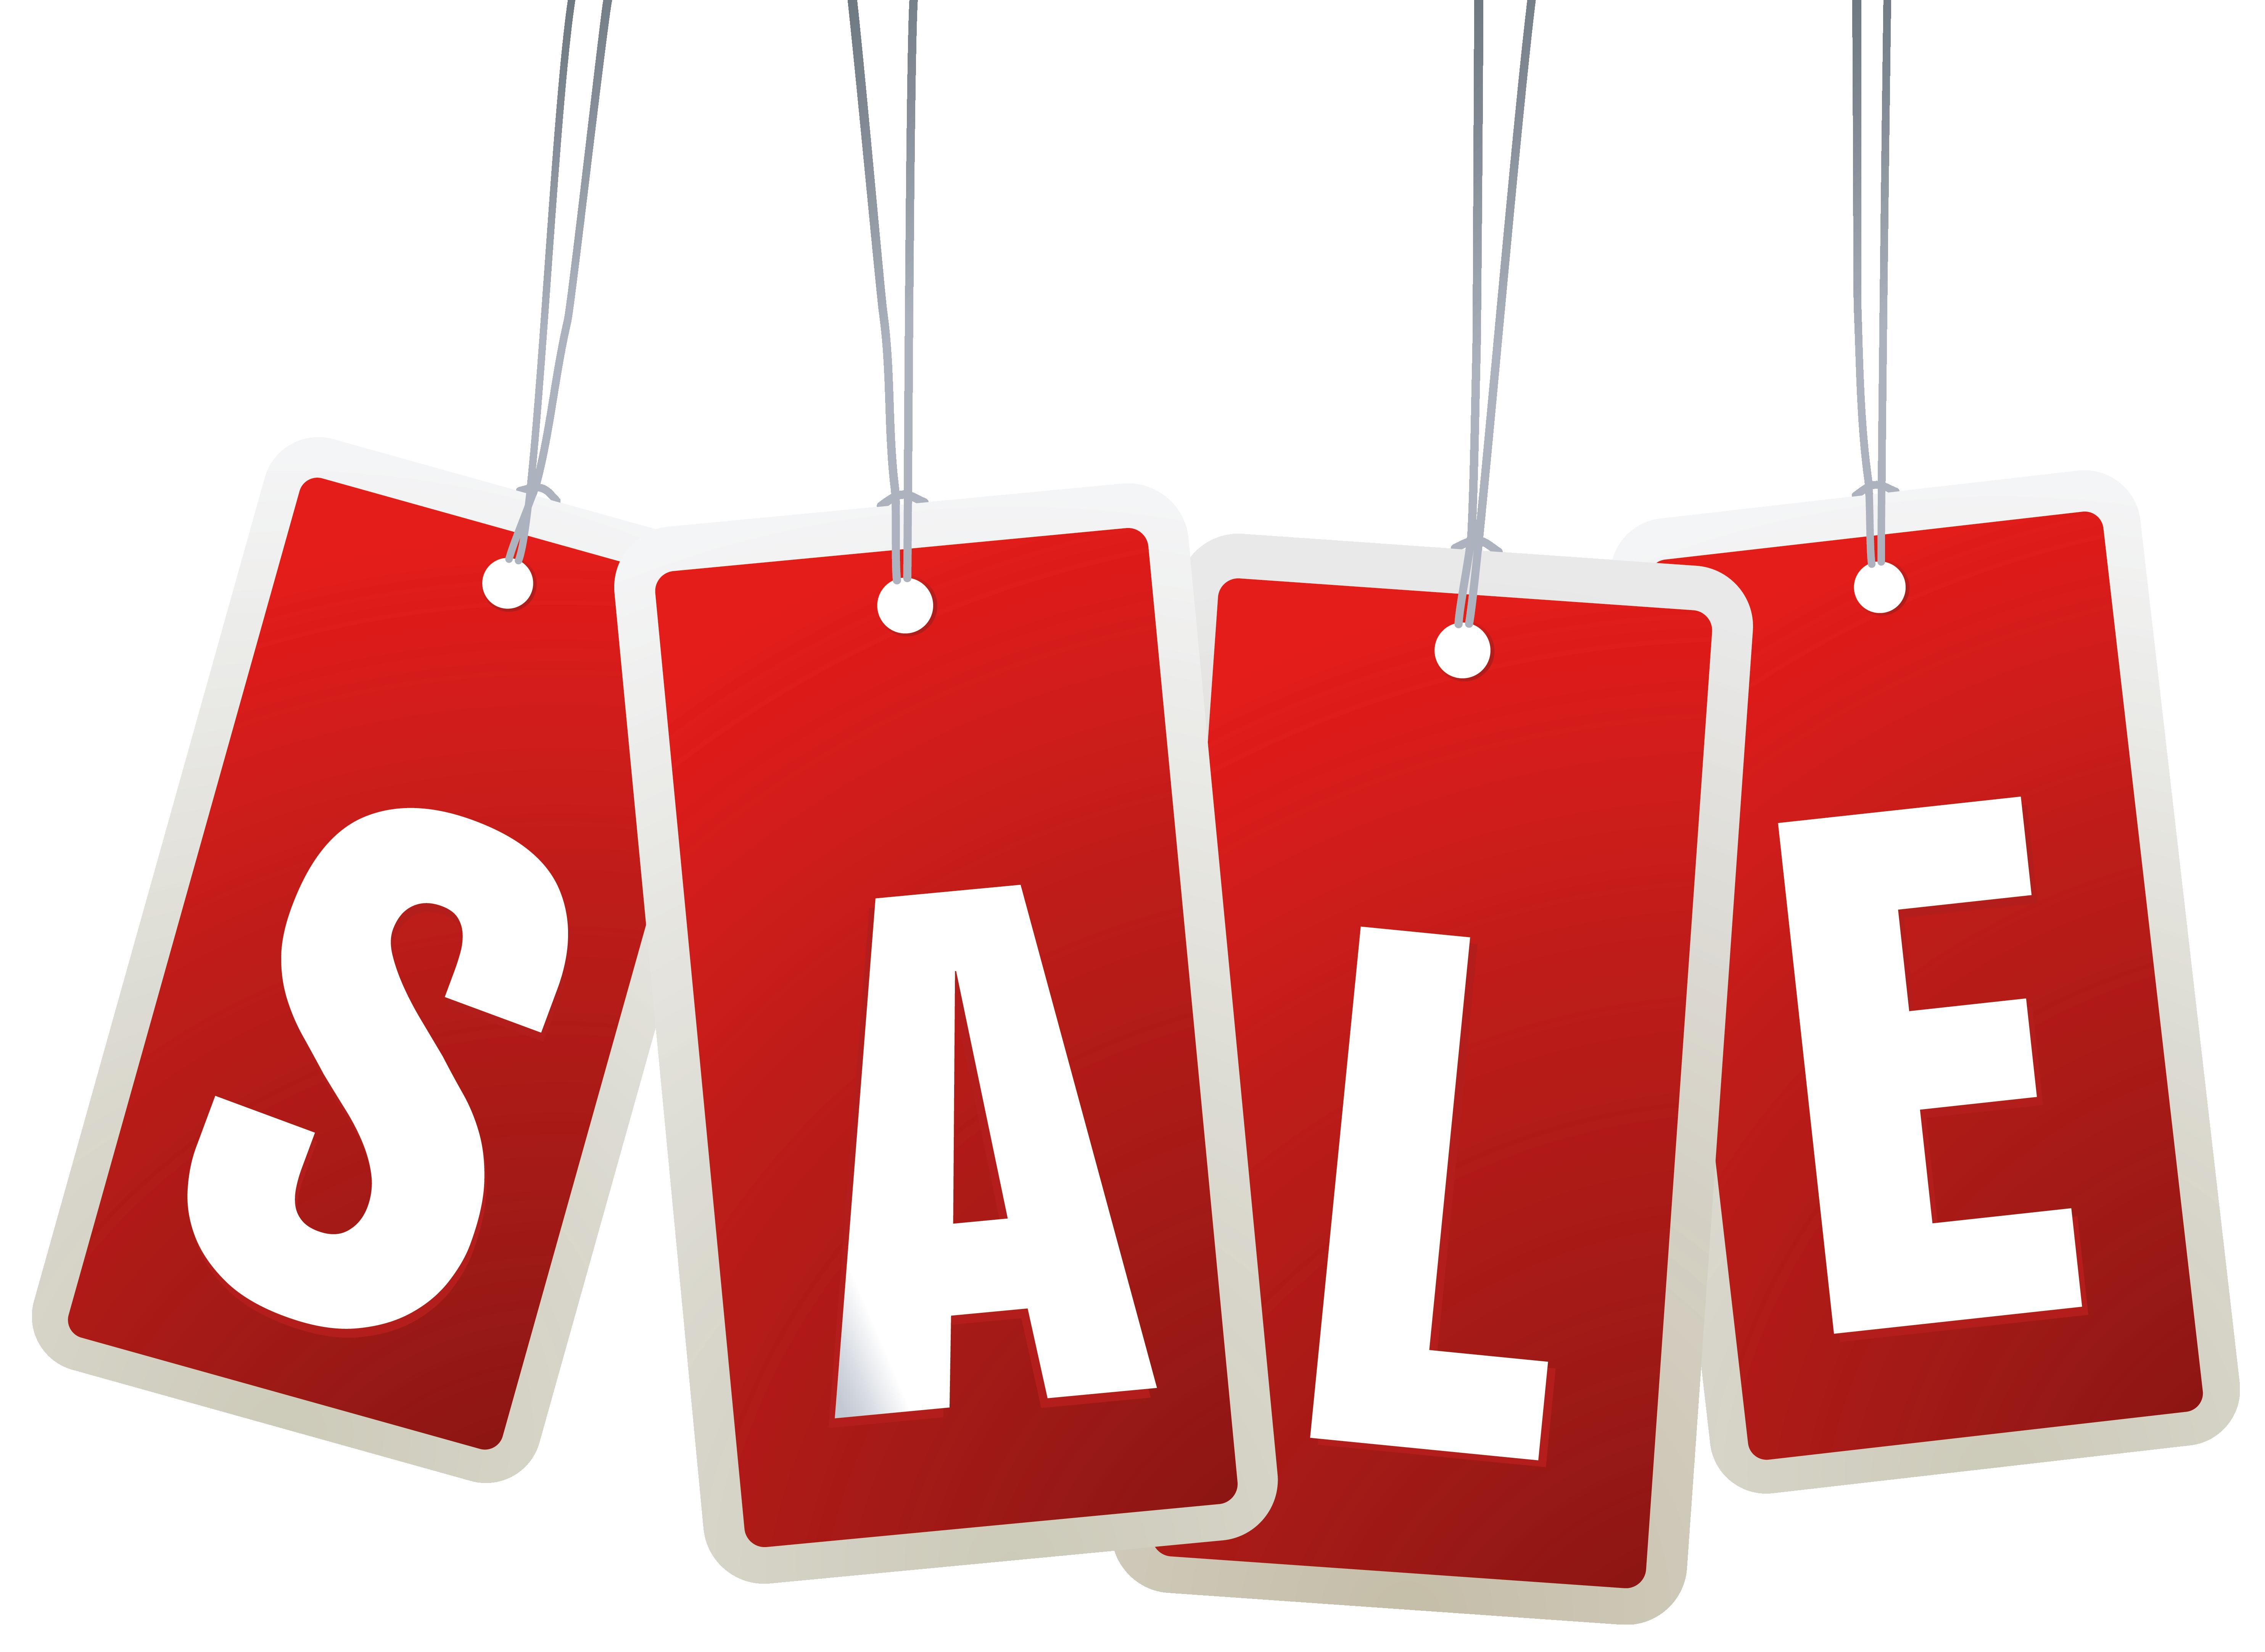 Sale Labels PNG Clipart Image.